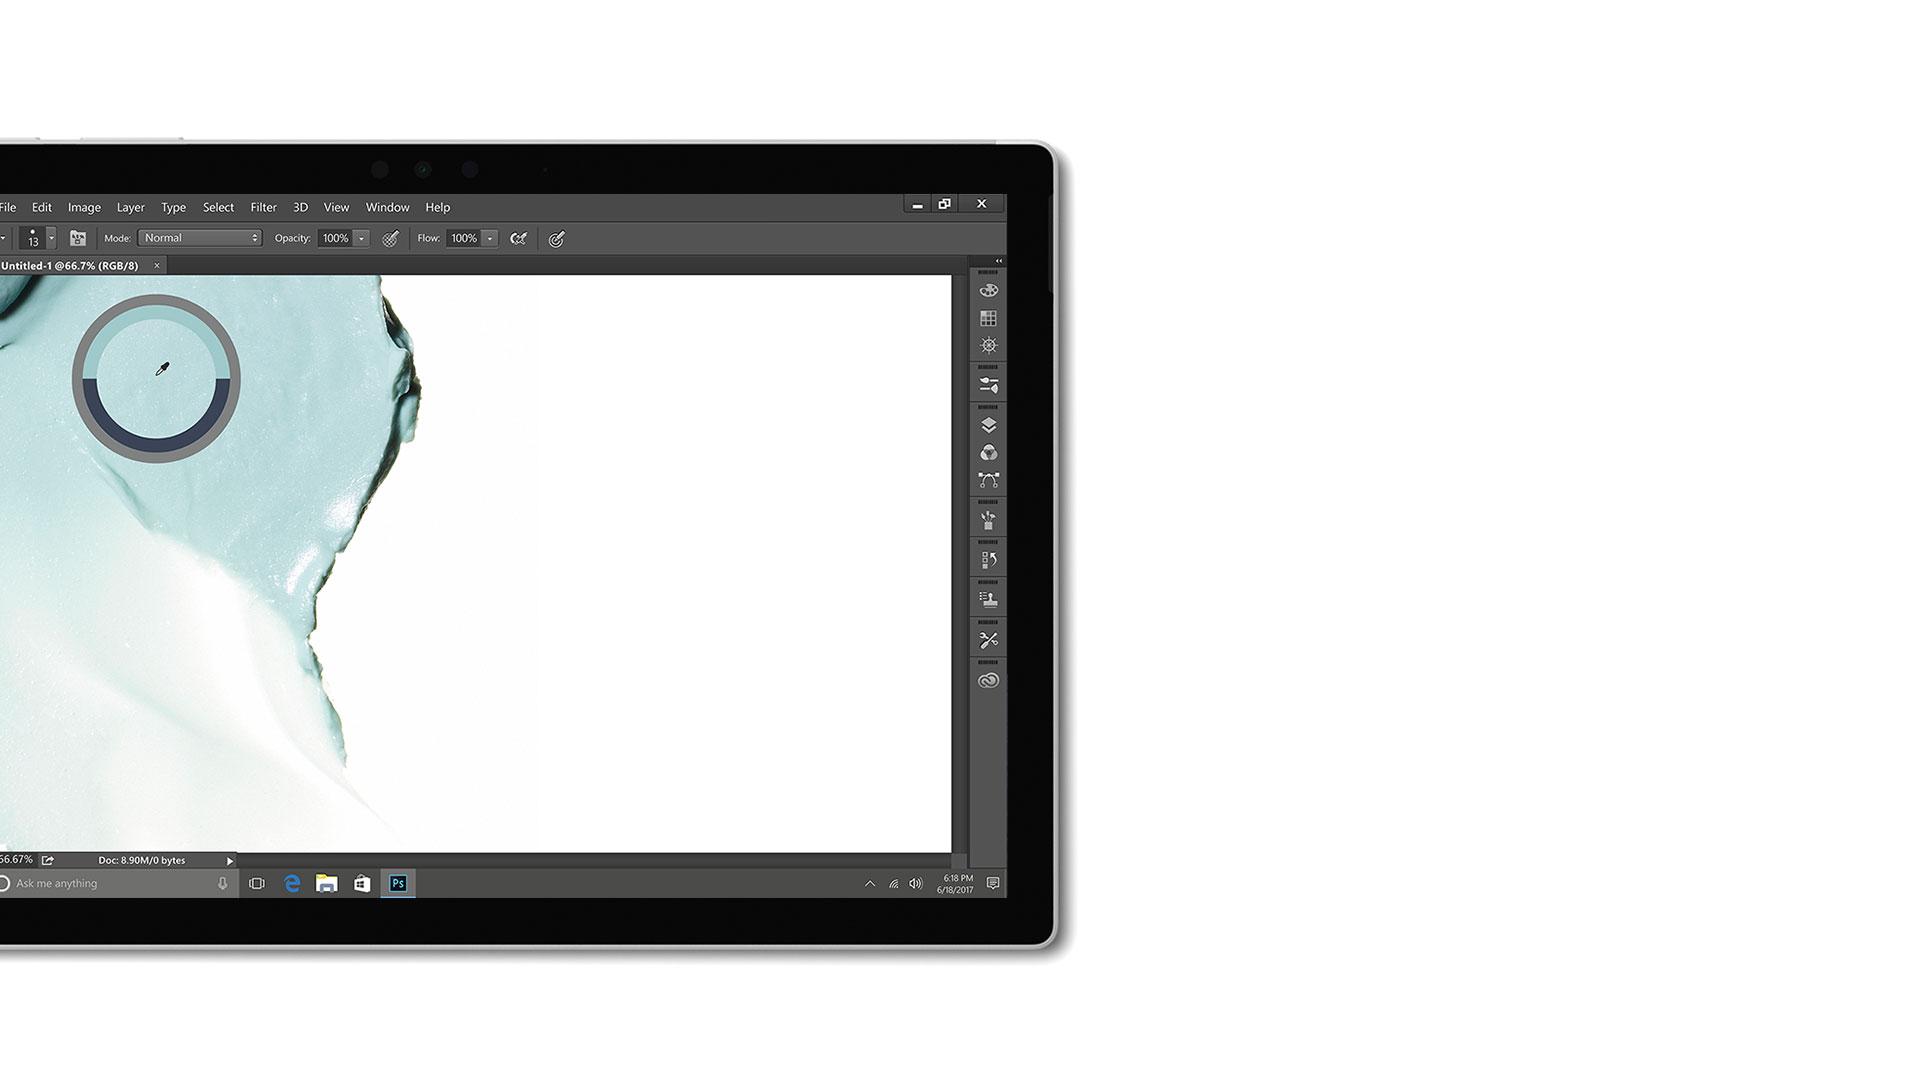 Produktbild der Benutzeroberfläche von Adobe Creative Cloud